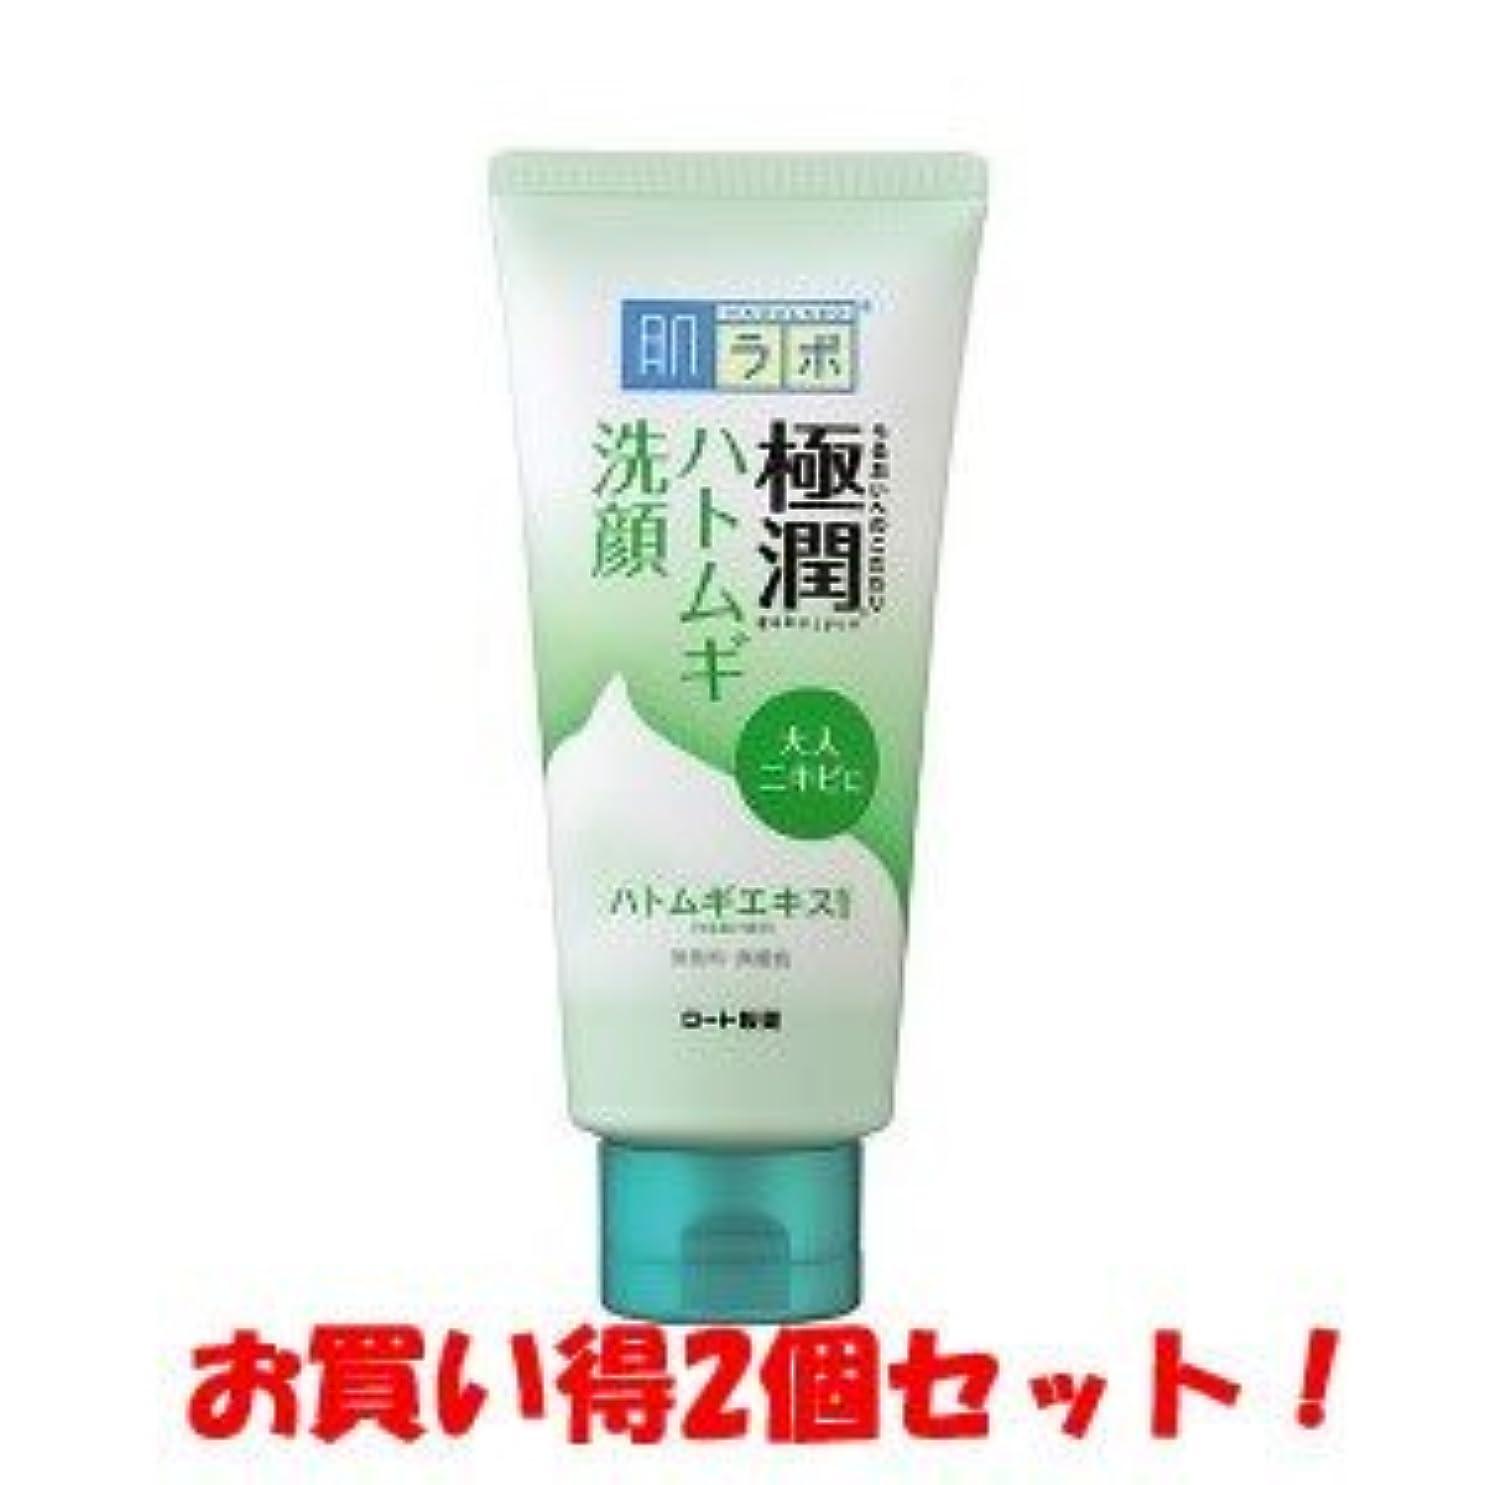 ミンチ地平線障害(ロート製薬)肌研 極潤 ハトムギ洗顔フォーム 110g(お買い得2個セット)